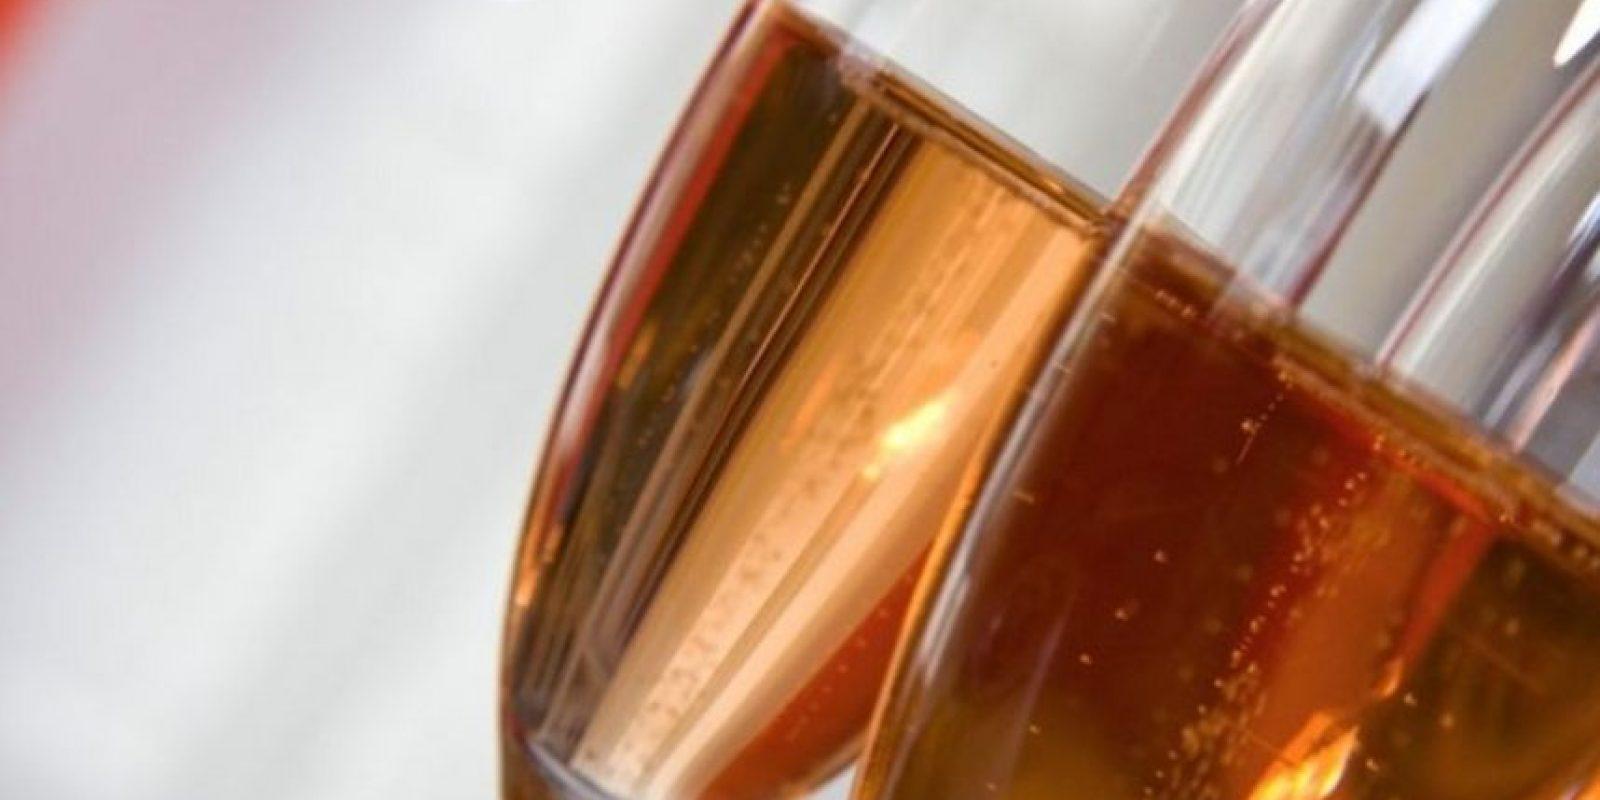 Todo el alcohol tiene un toque afrodisiaco, menciona Brooke Lewis, experto en citas. Foto:Tumblr